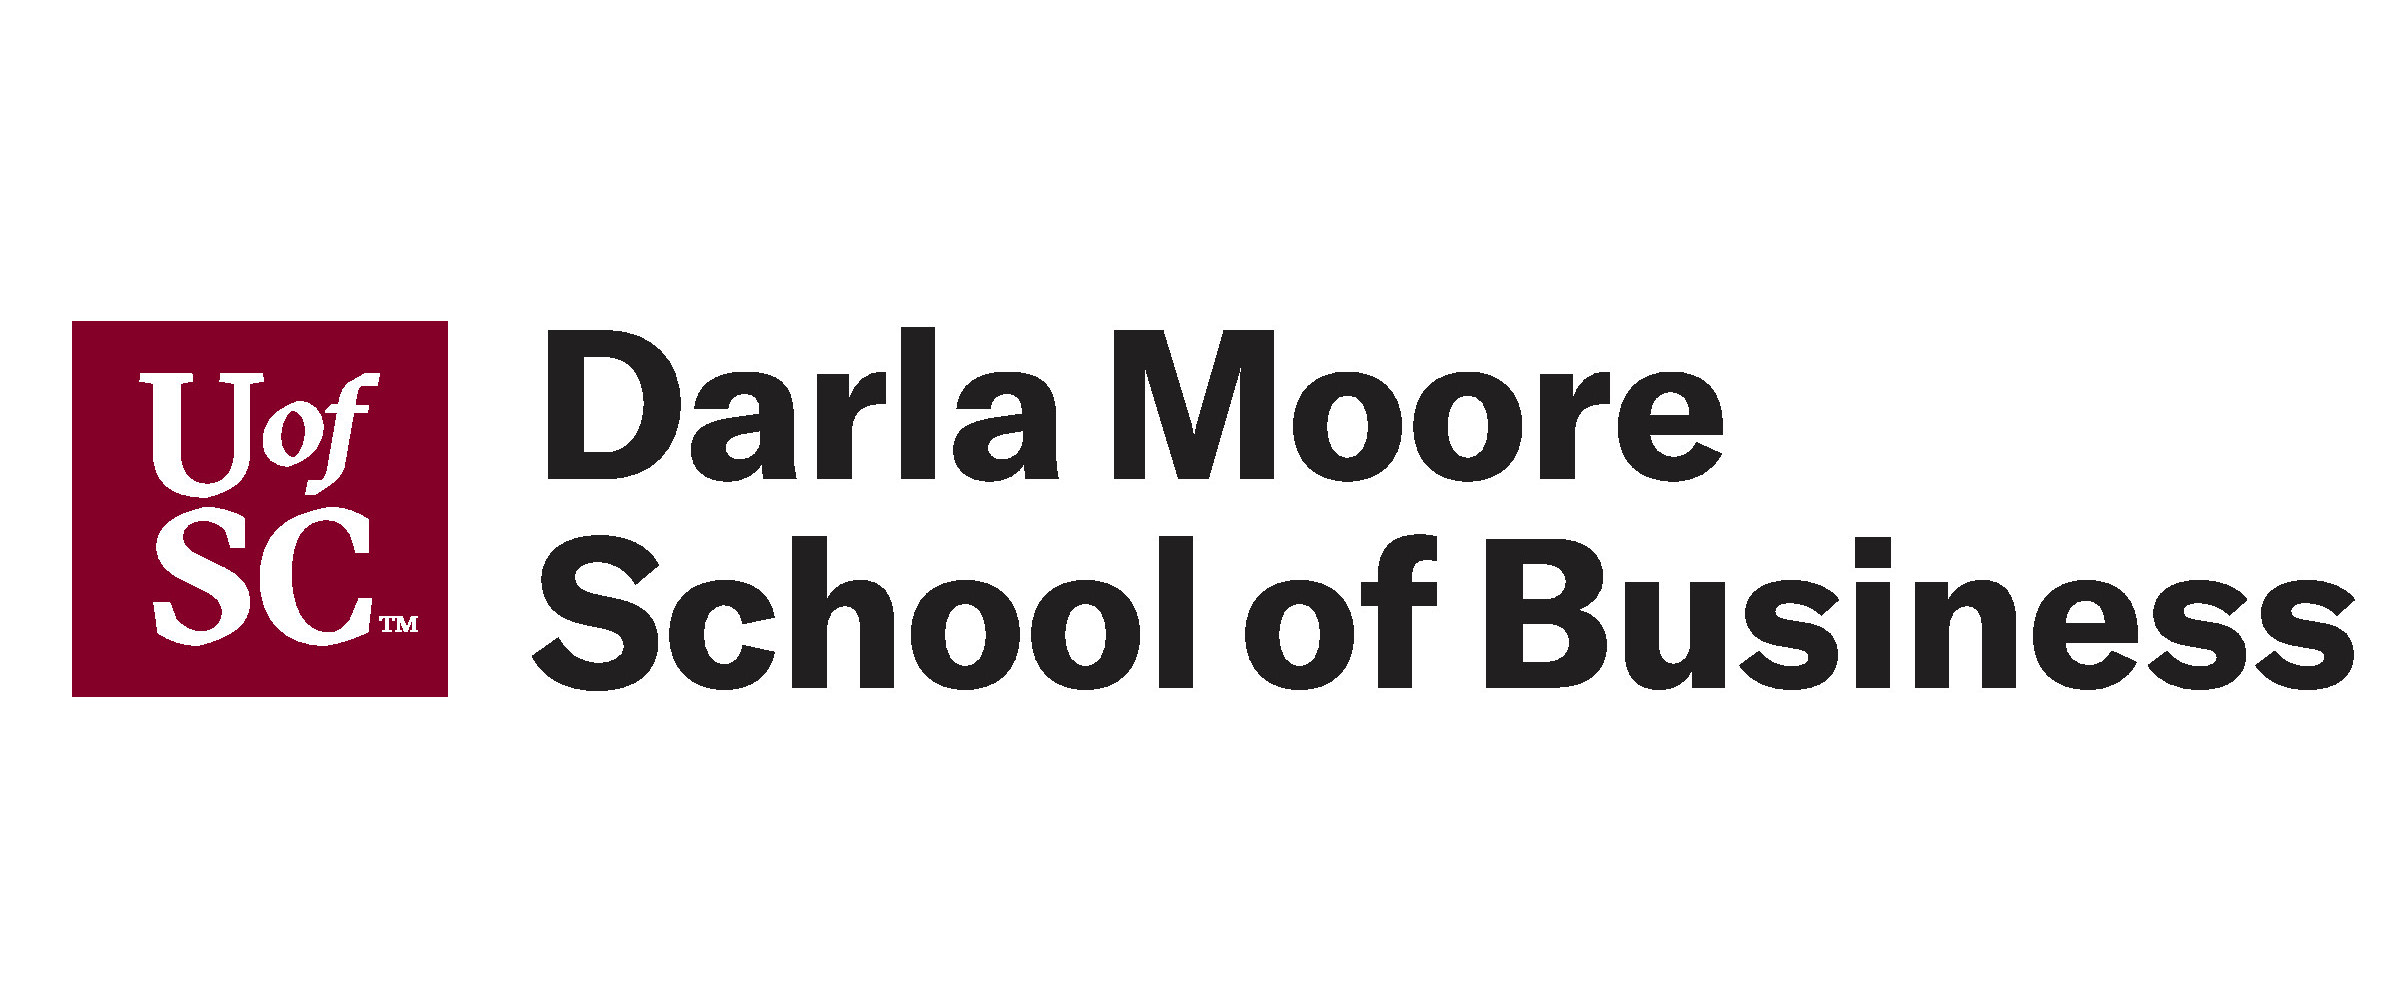 UofSC Darla Moore